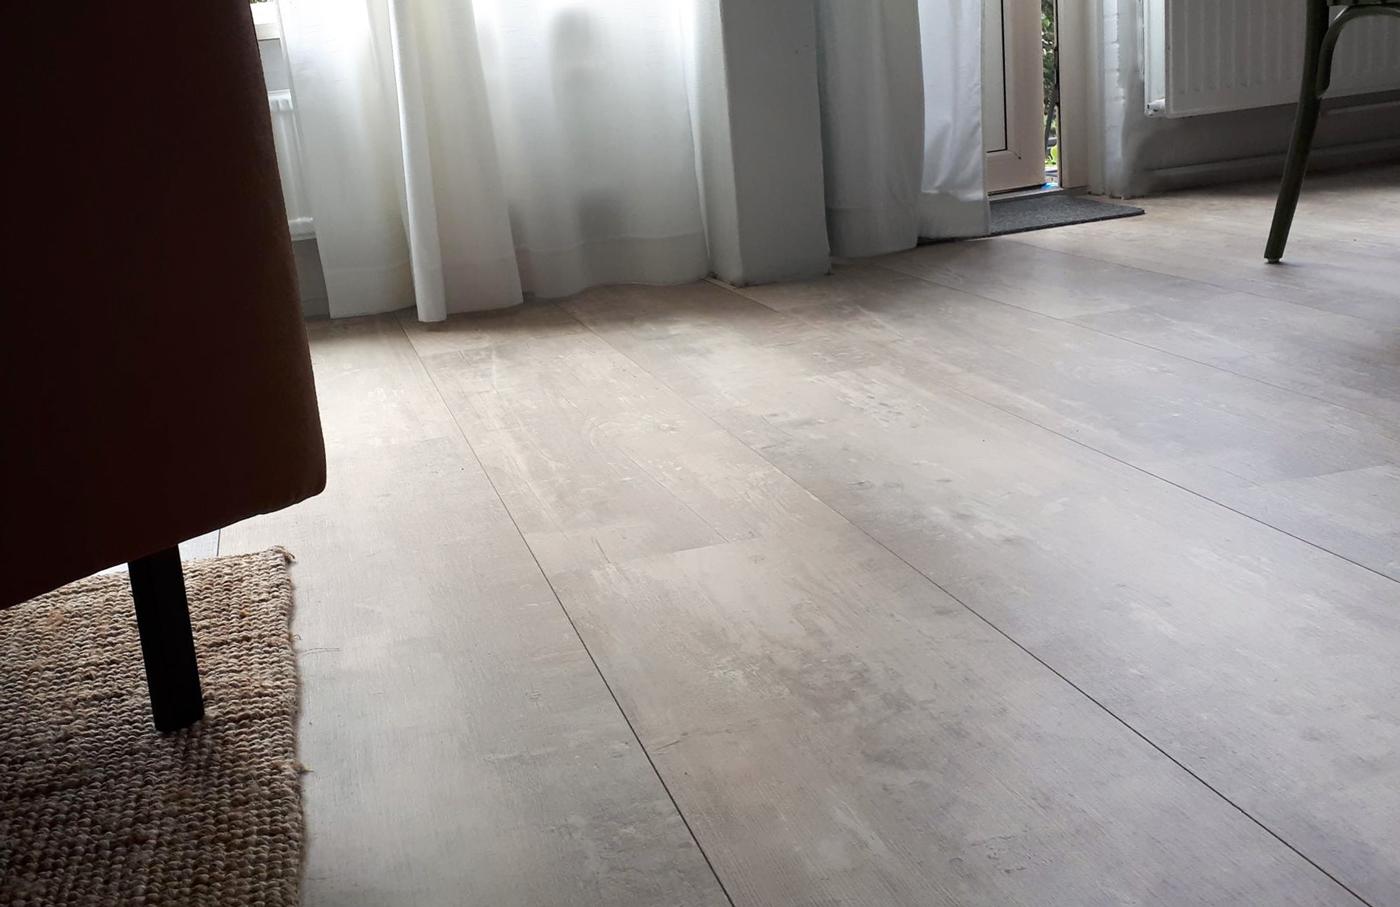 Floer landhuis laminaat vloer beton grijs eiken laminaatvloer